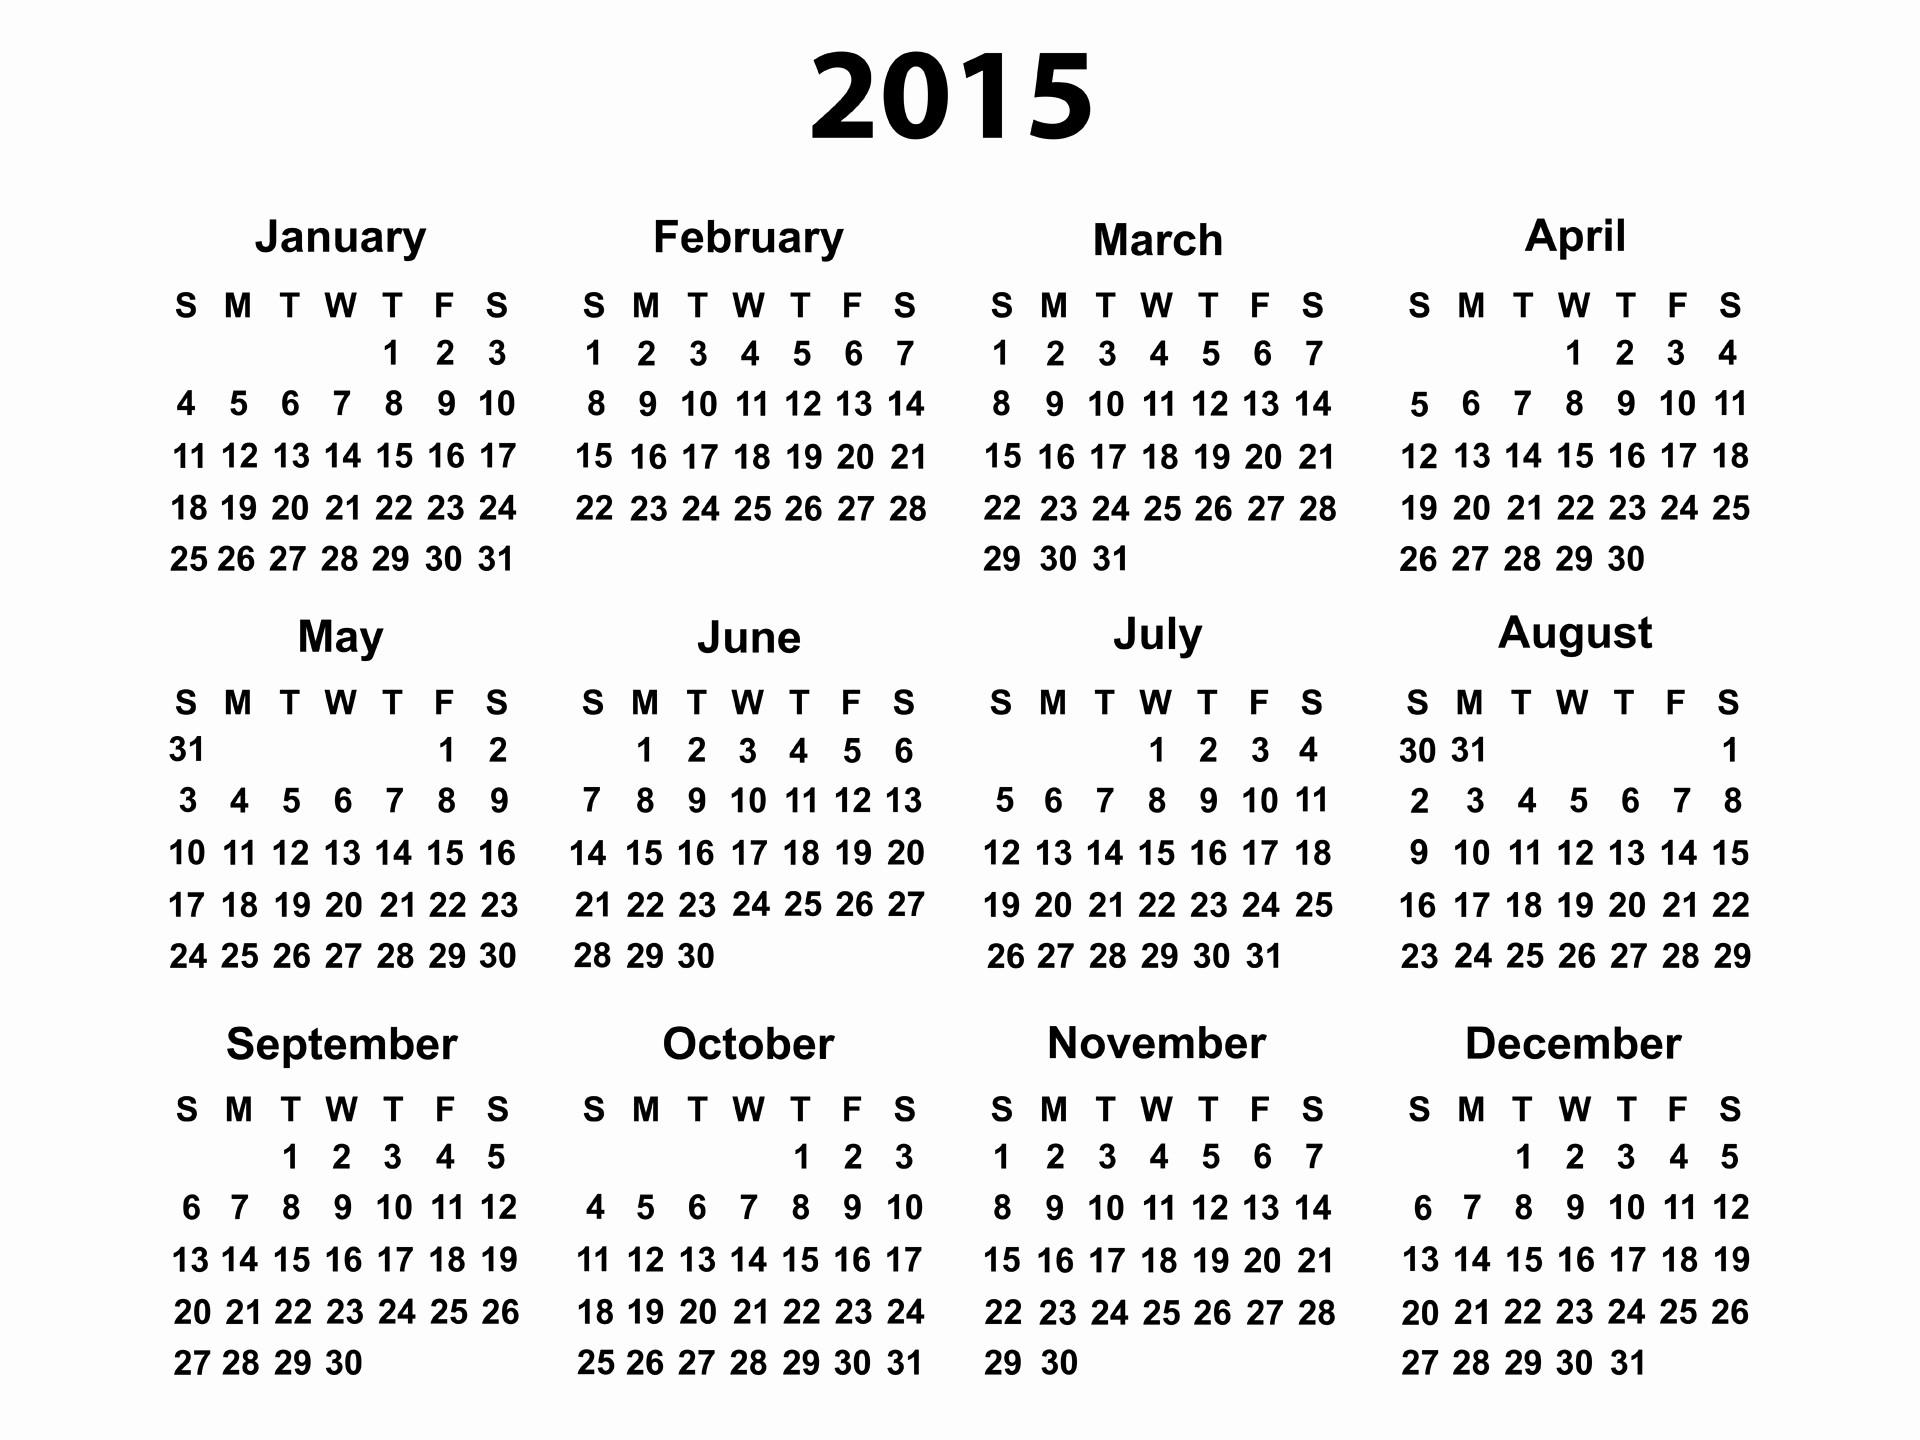 Calendar 2015 Printable with Holidays Luxury 2015 Calendar Templates &